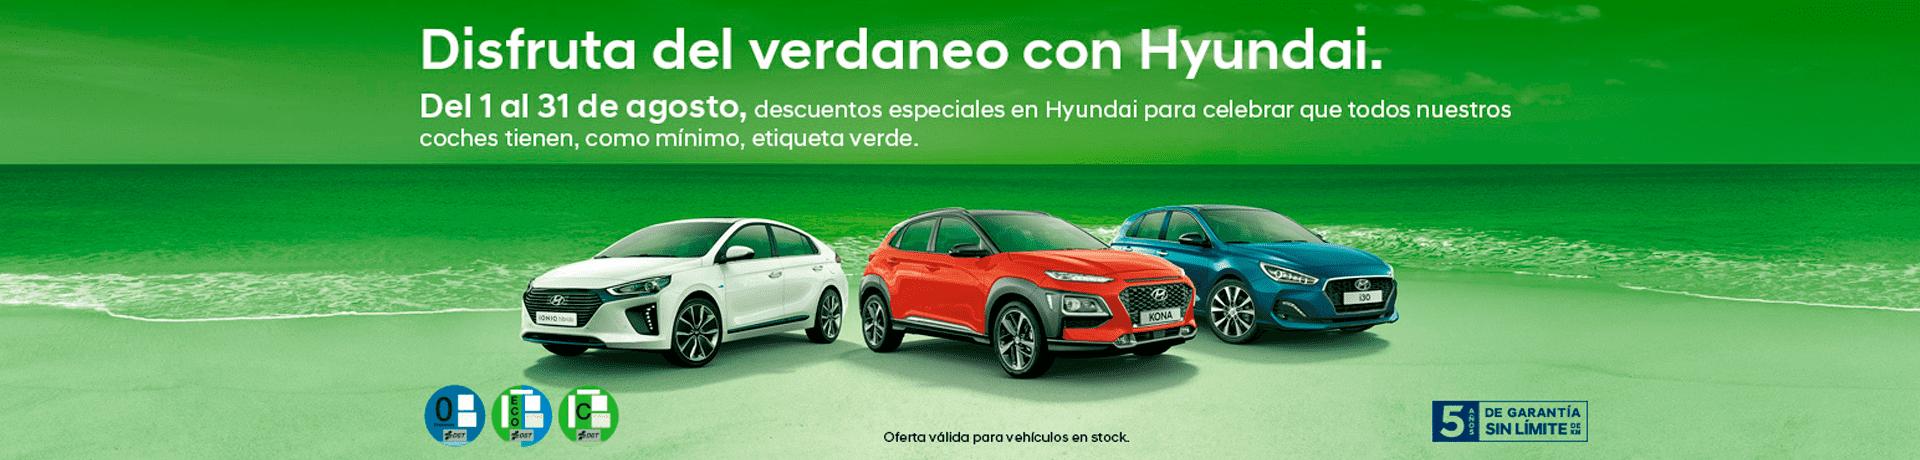 Disfruta del verdaneo con Hyundai